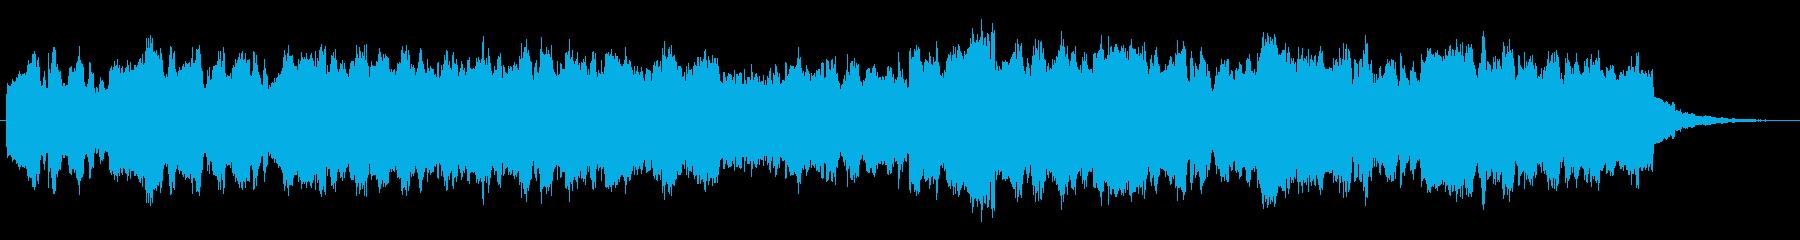 シンセブラスの印象的なジングルの再生済みの波形